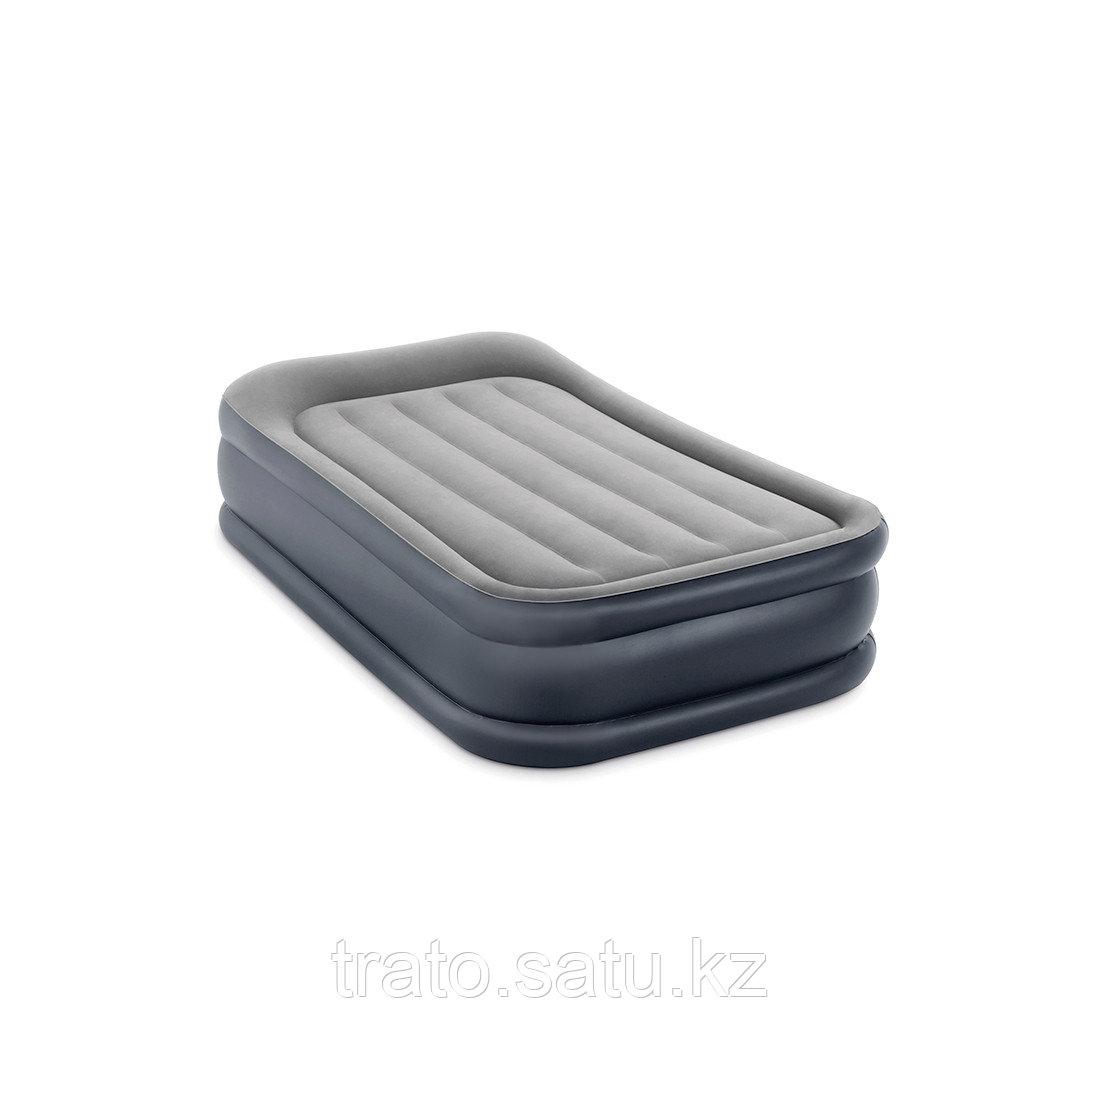 Матрас надувной Intex 191 х 99 х 42 см